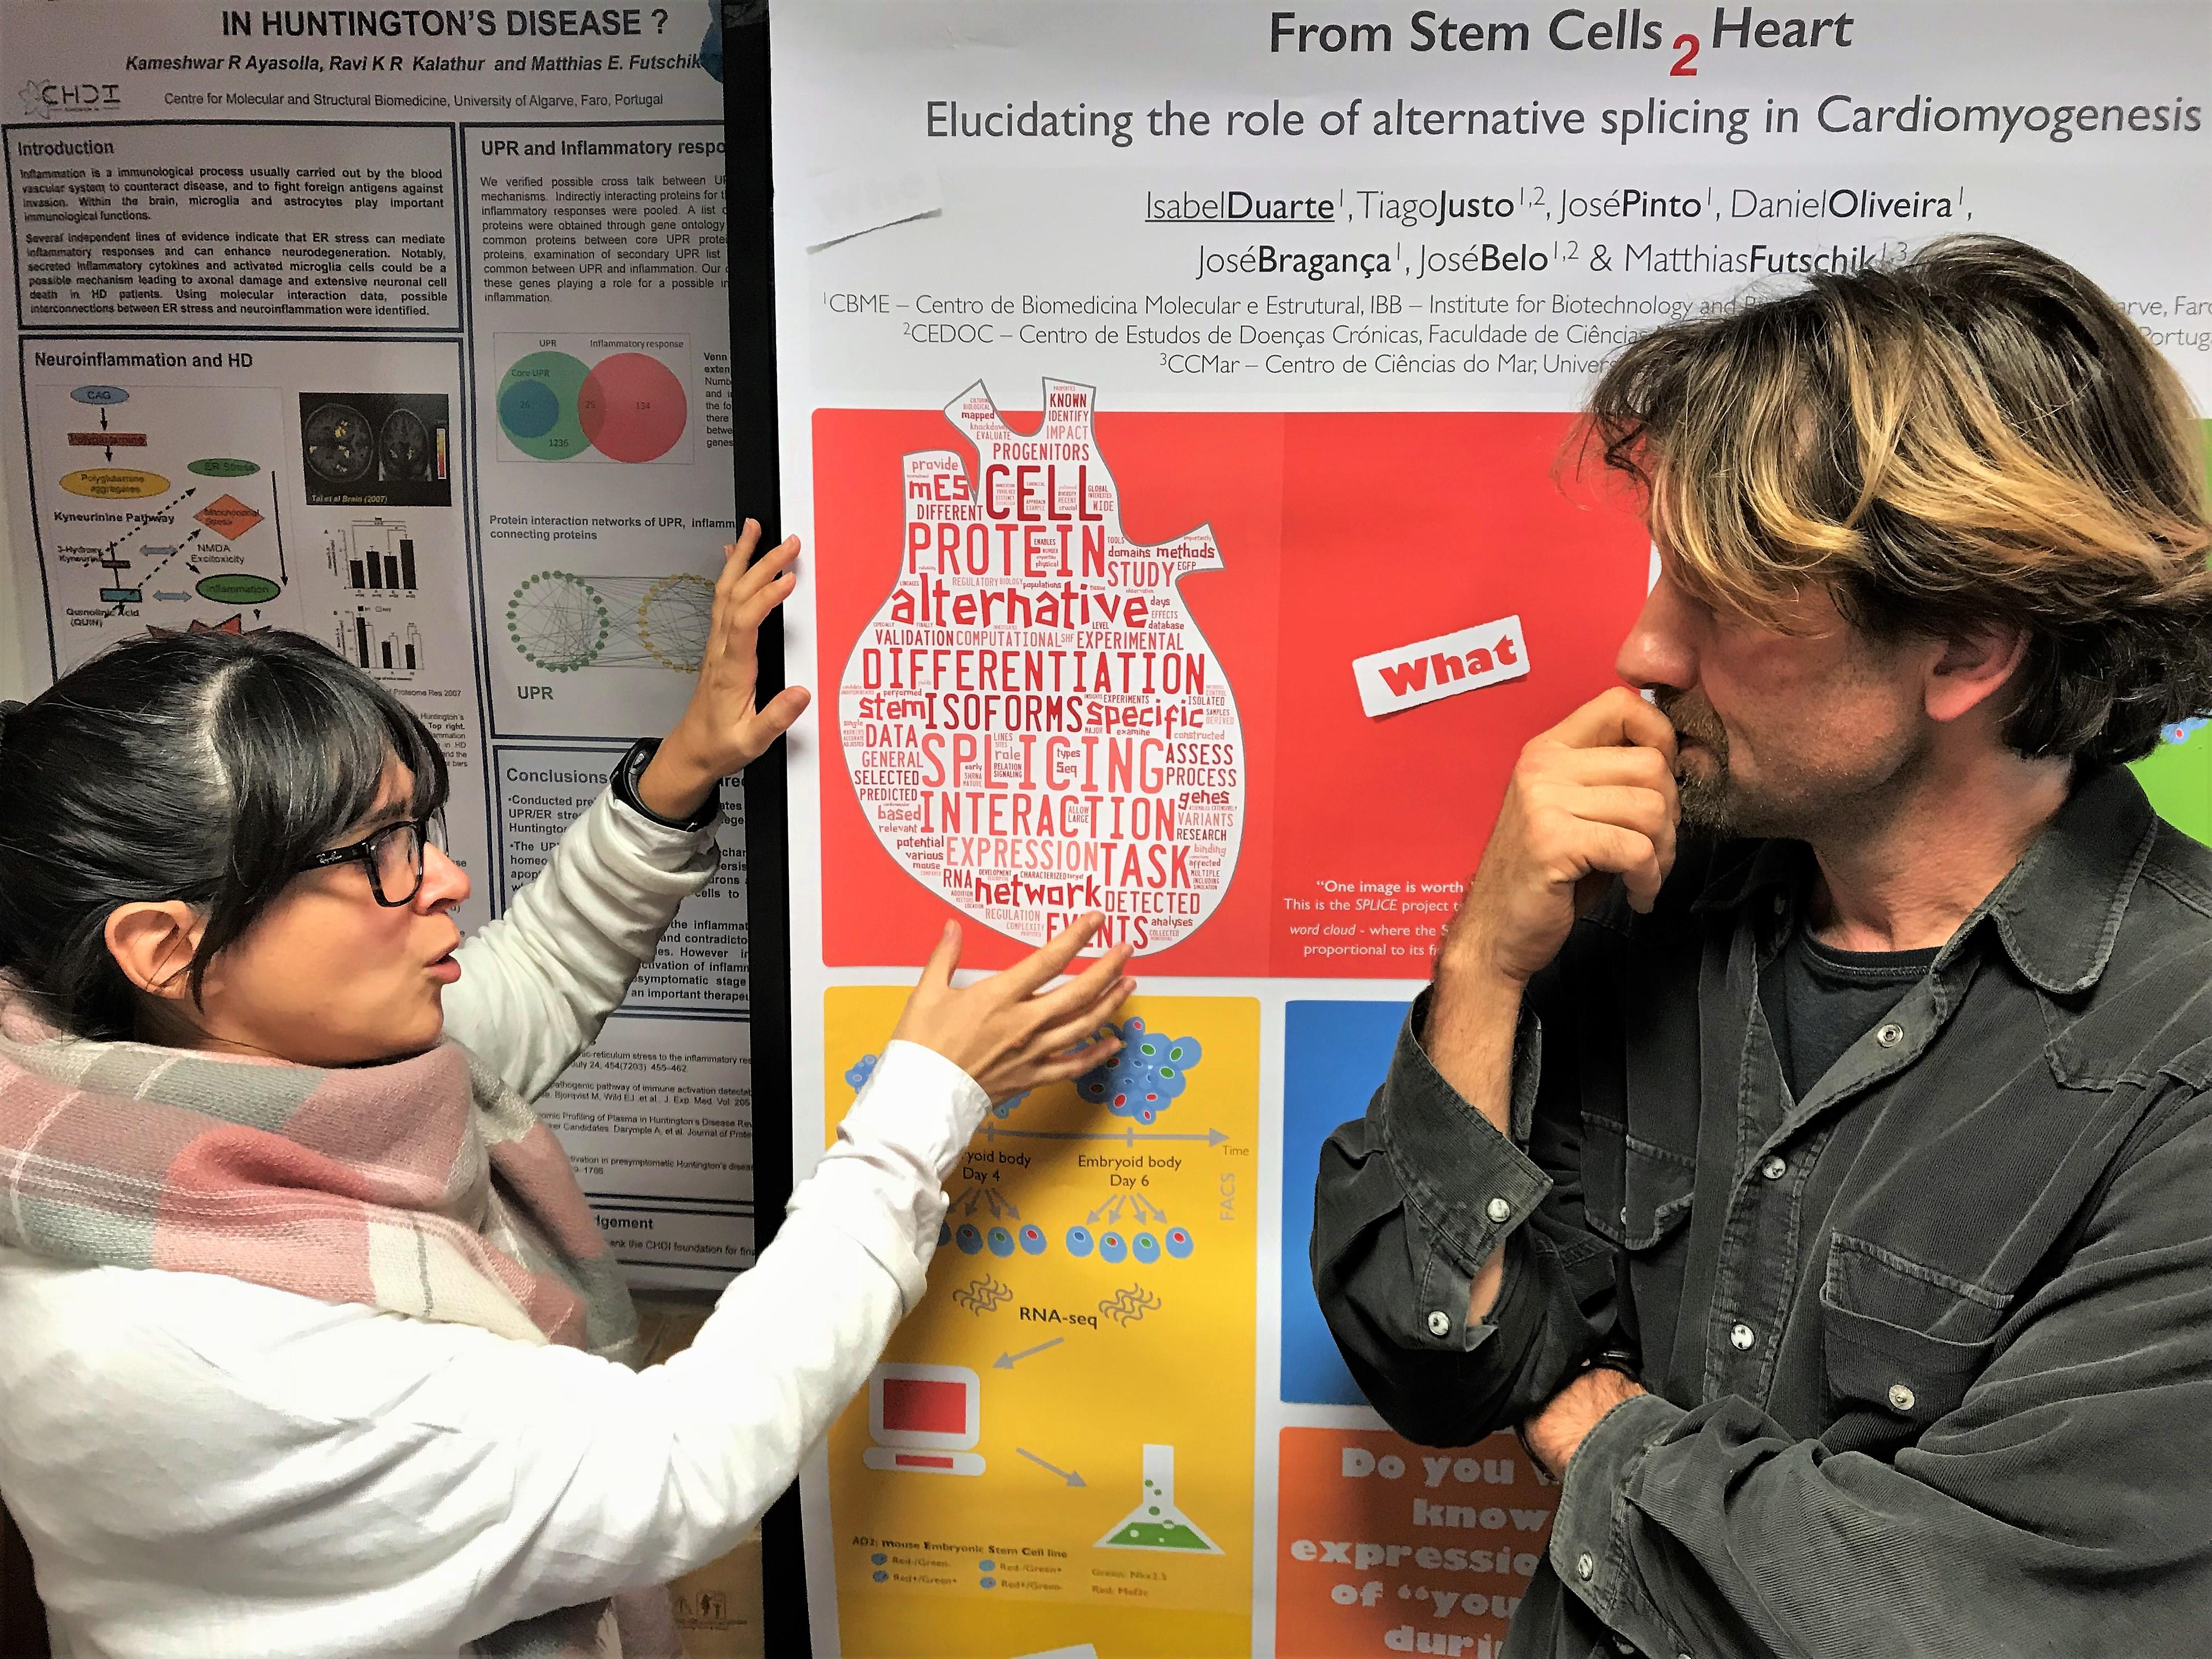 Stammzellen Entwicklung für Herzchirurgie wird unterstützt durch den an der Univeristät der Algarve entwickelten StemMapper